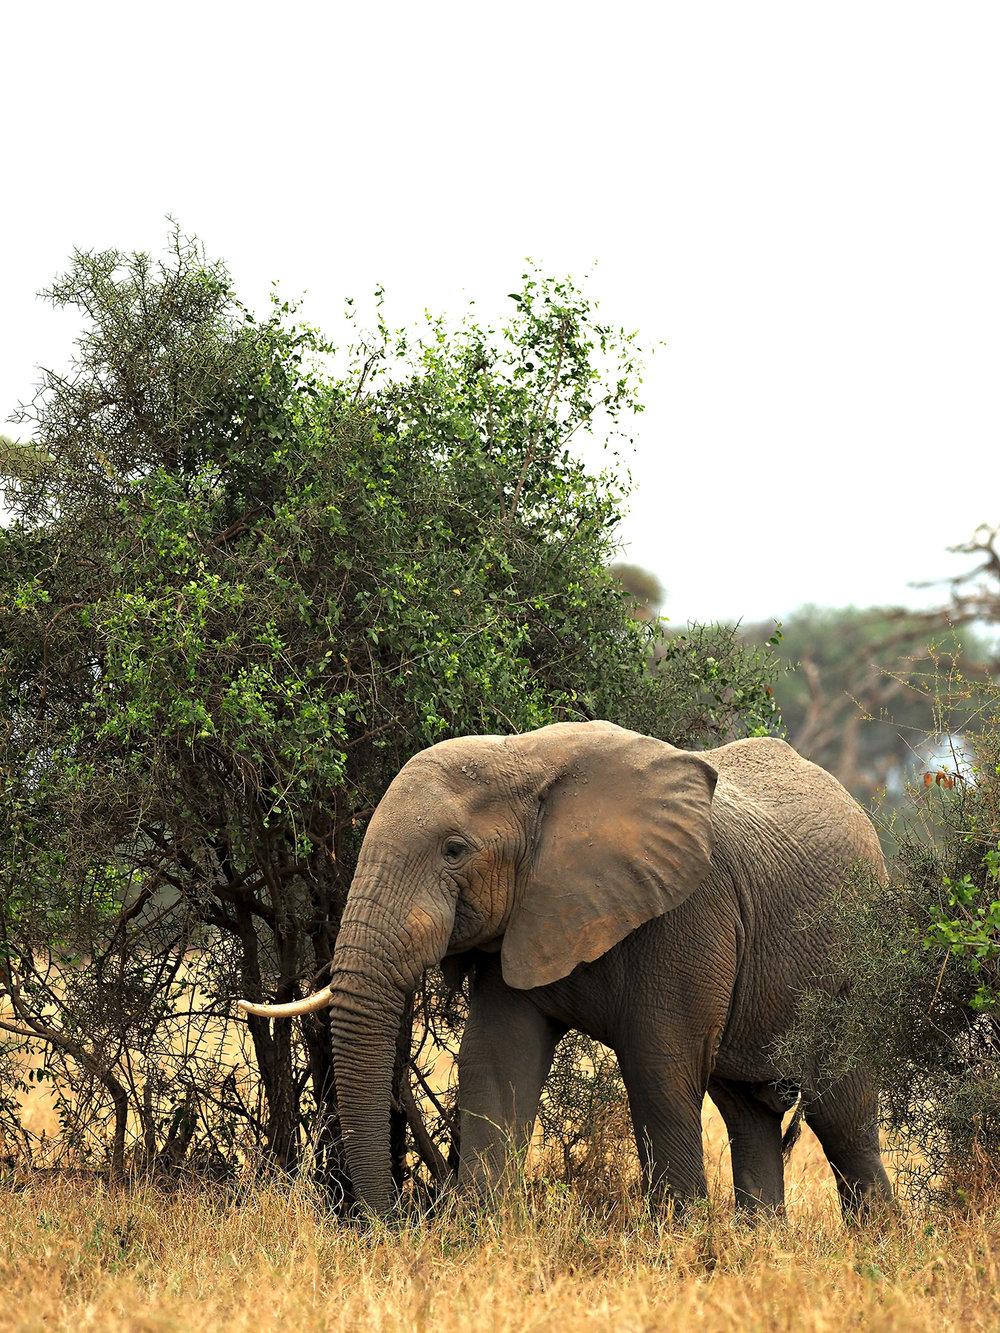 Ranjan_Ramchandani_Elephants of Amboseli_The single tusked one.jpg